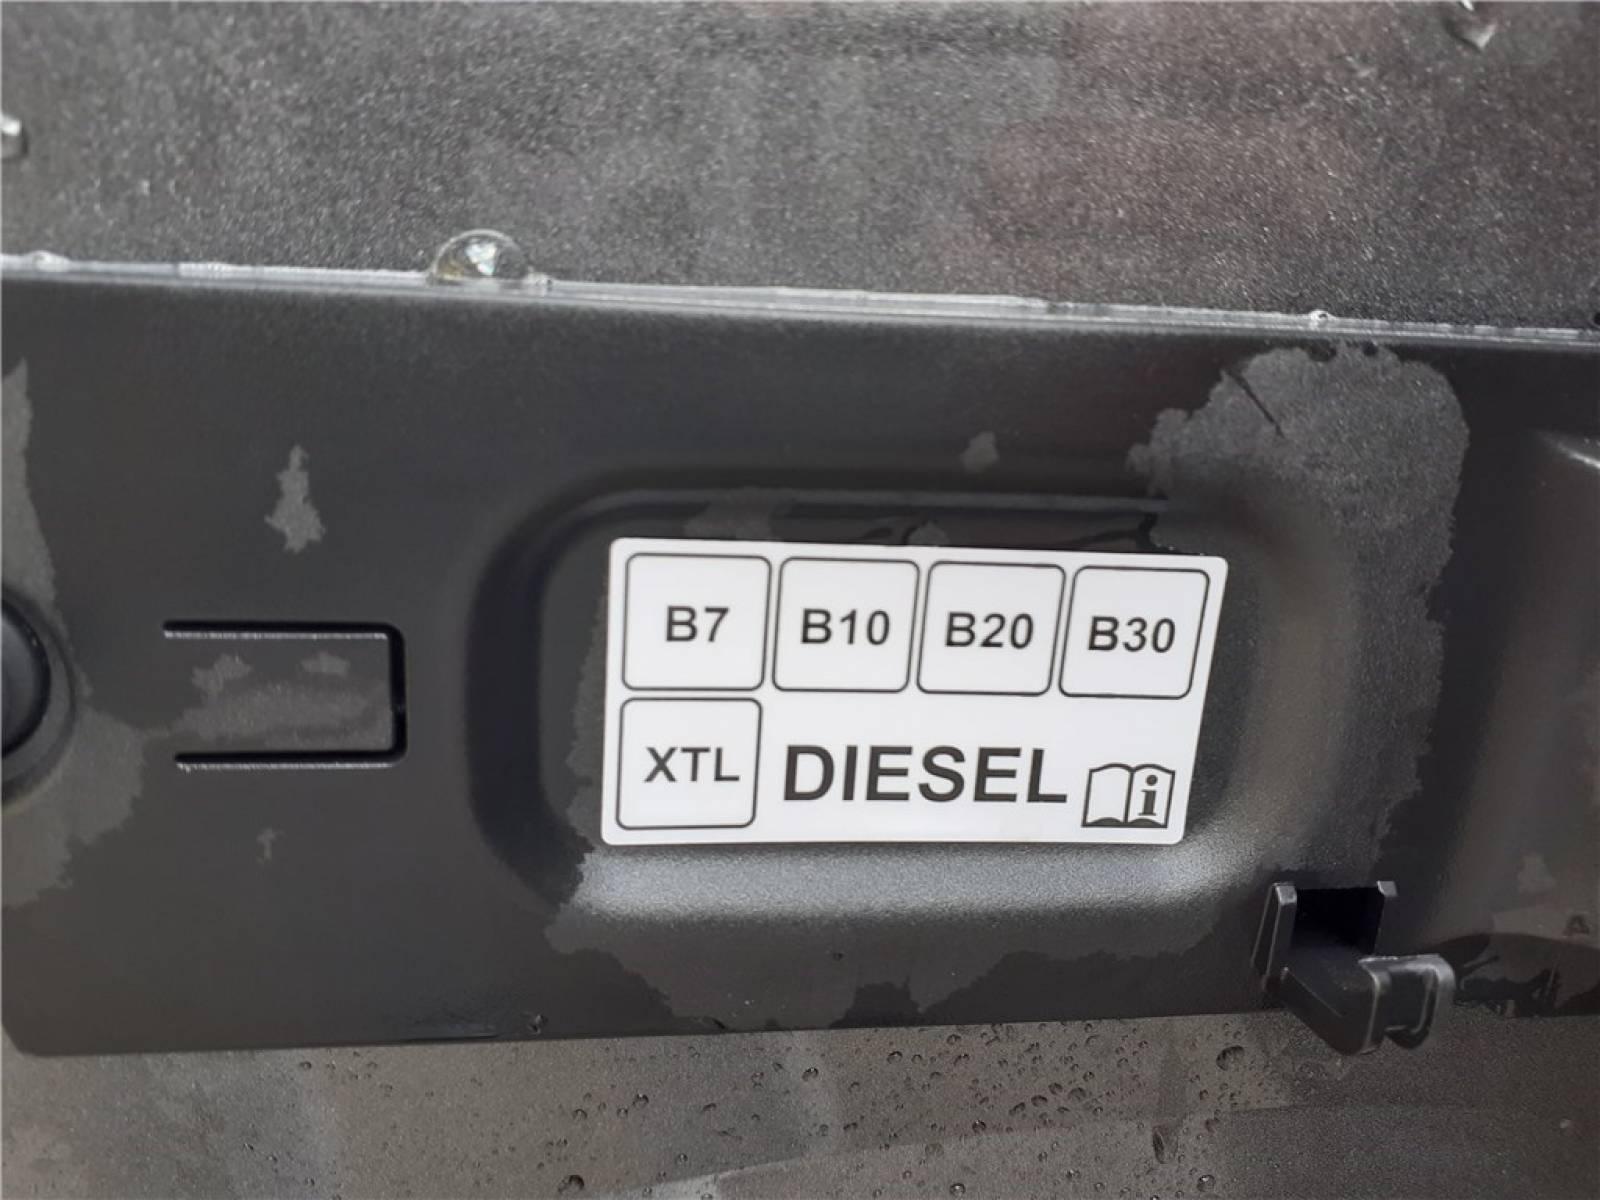 OPEL Crossland 1.5 D 110 ch BVM6 - véhicule d'occasion - Groupe Guillet - Opel Magicauto - Montceau-les-Mines - 71300 - Montceau-les-Mines - 10